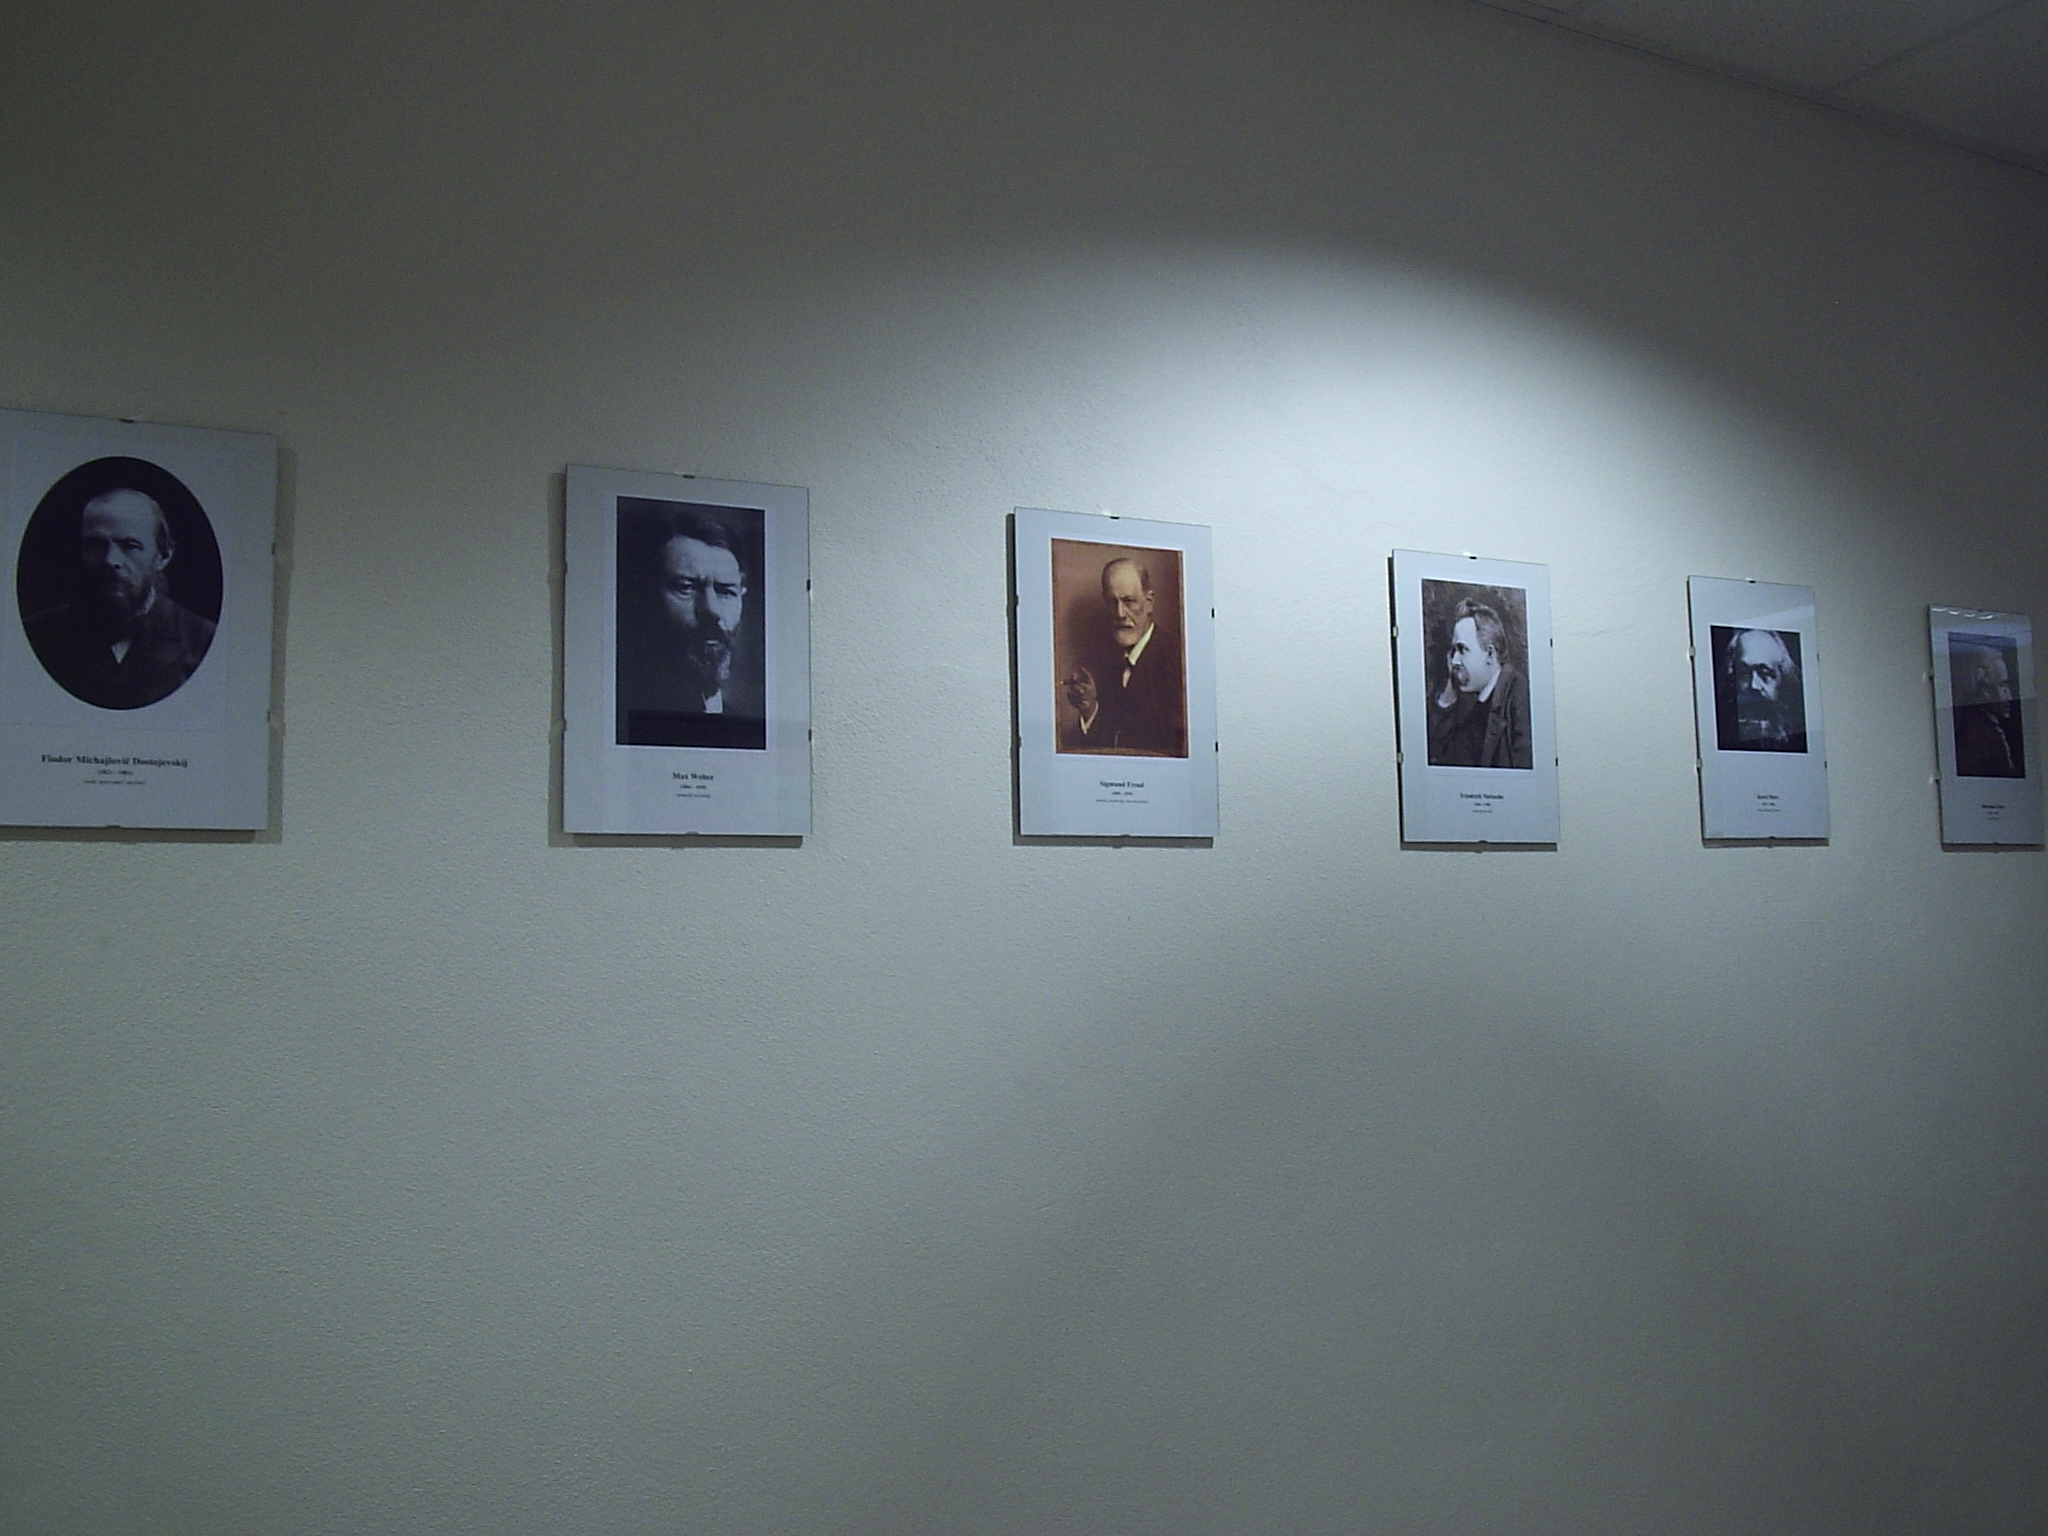 Galéria pri katedre politológie